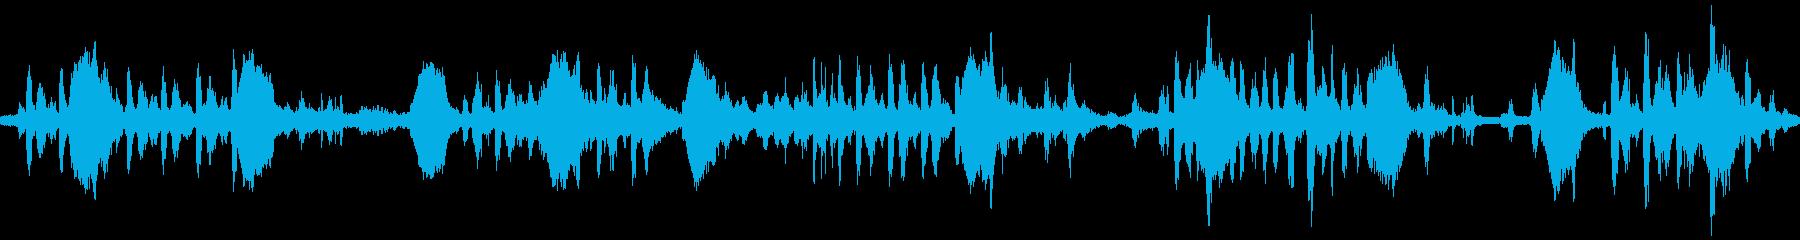 【環境音ループ仕様】朝の鳥の鳴き声01の再生済みの波形